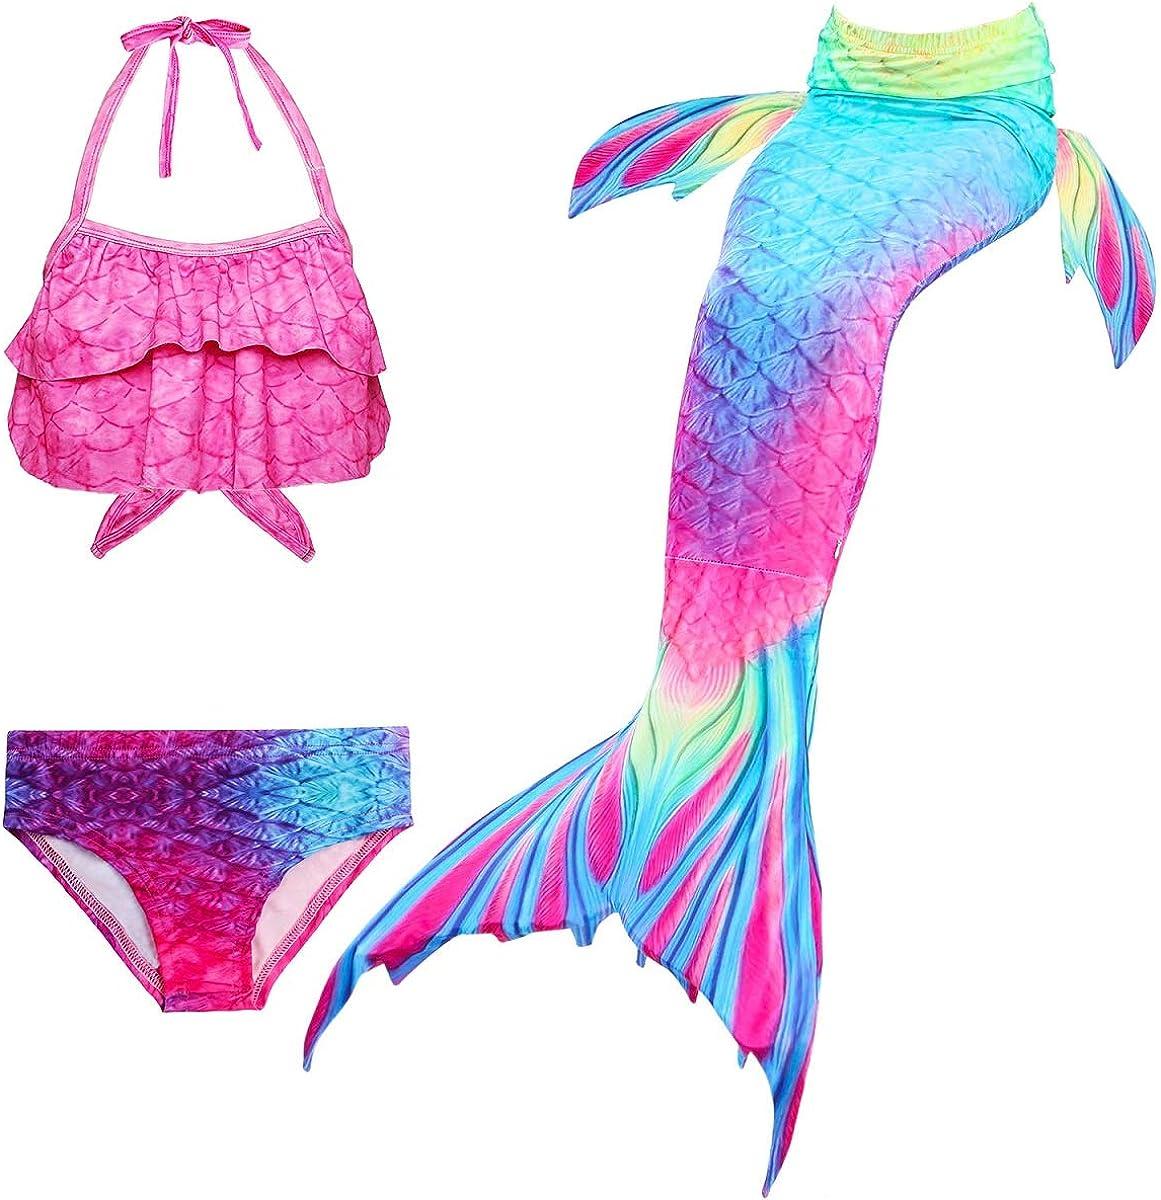 DH95RH,140 PaisDola Kids Girls Mermaid Swimming Costume Swimmable Bikini Swimsuit with Flower Garland Headband